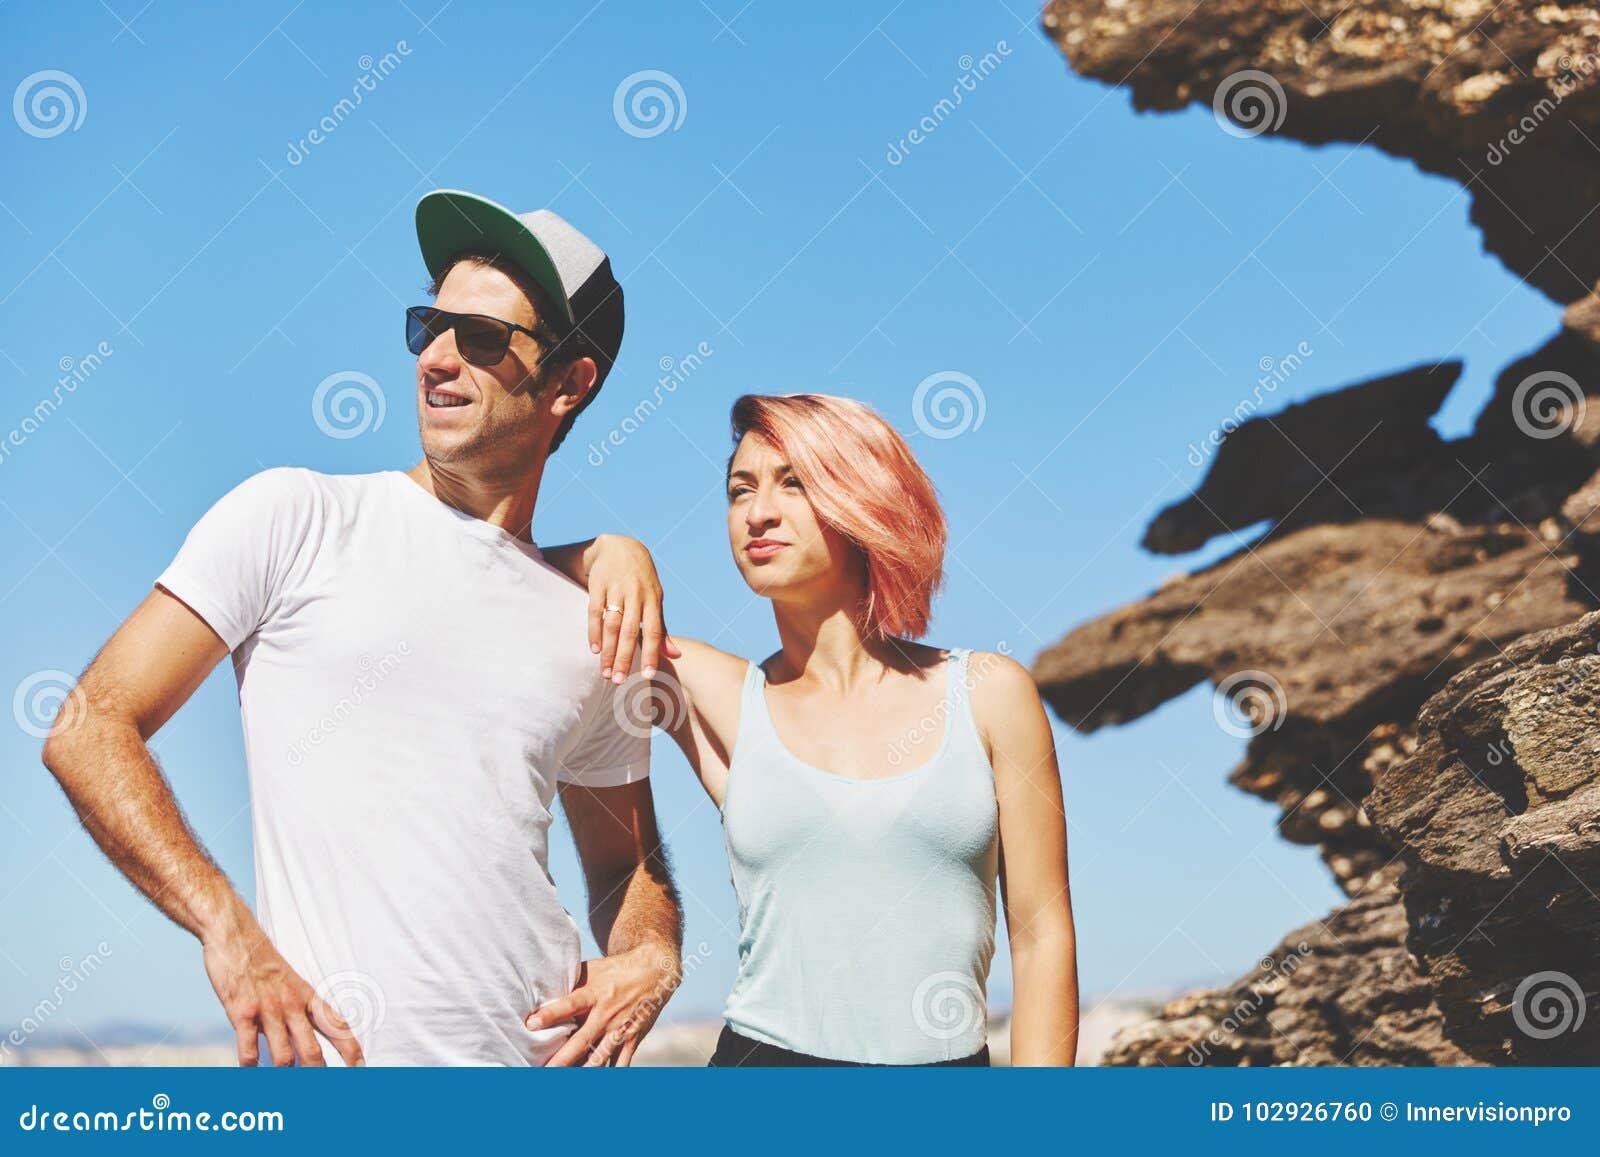 Junge Paare, die zusammen durch den Felsen weg schaut stehen